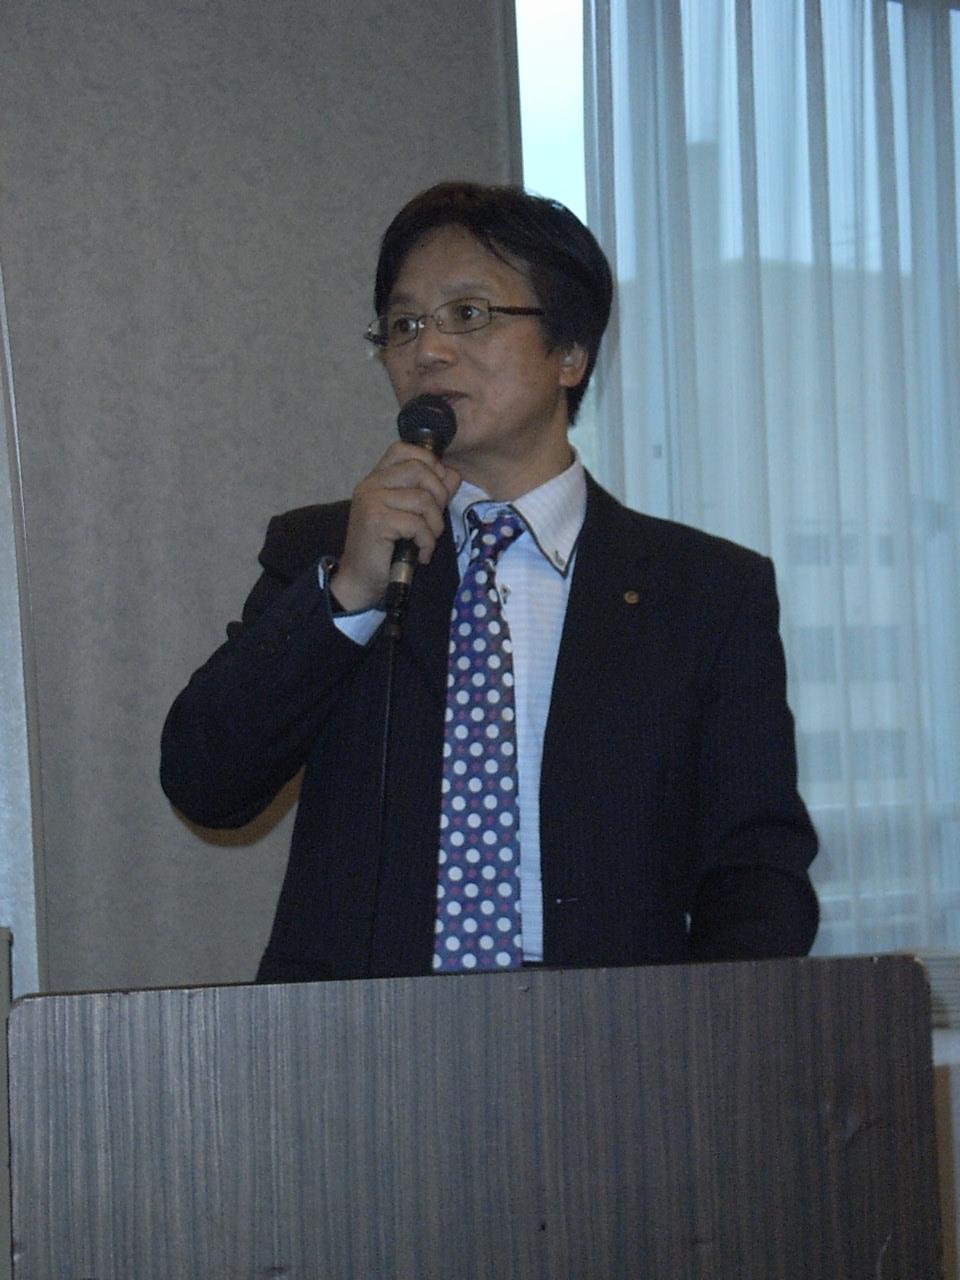 平成25年6月29日(土) 熊本県支部総会・懇親会_f0184133_1548913.jpg